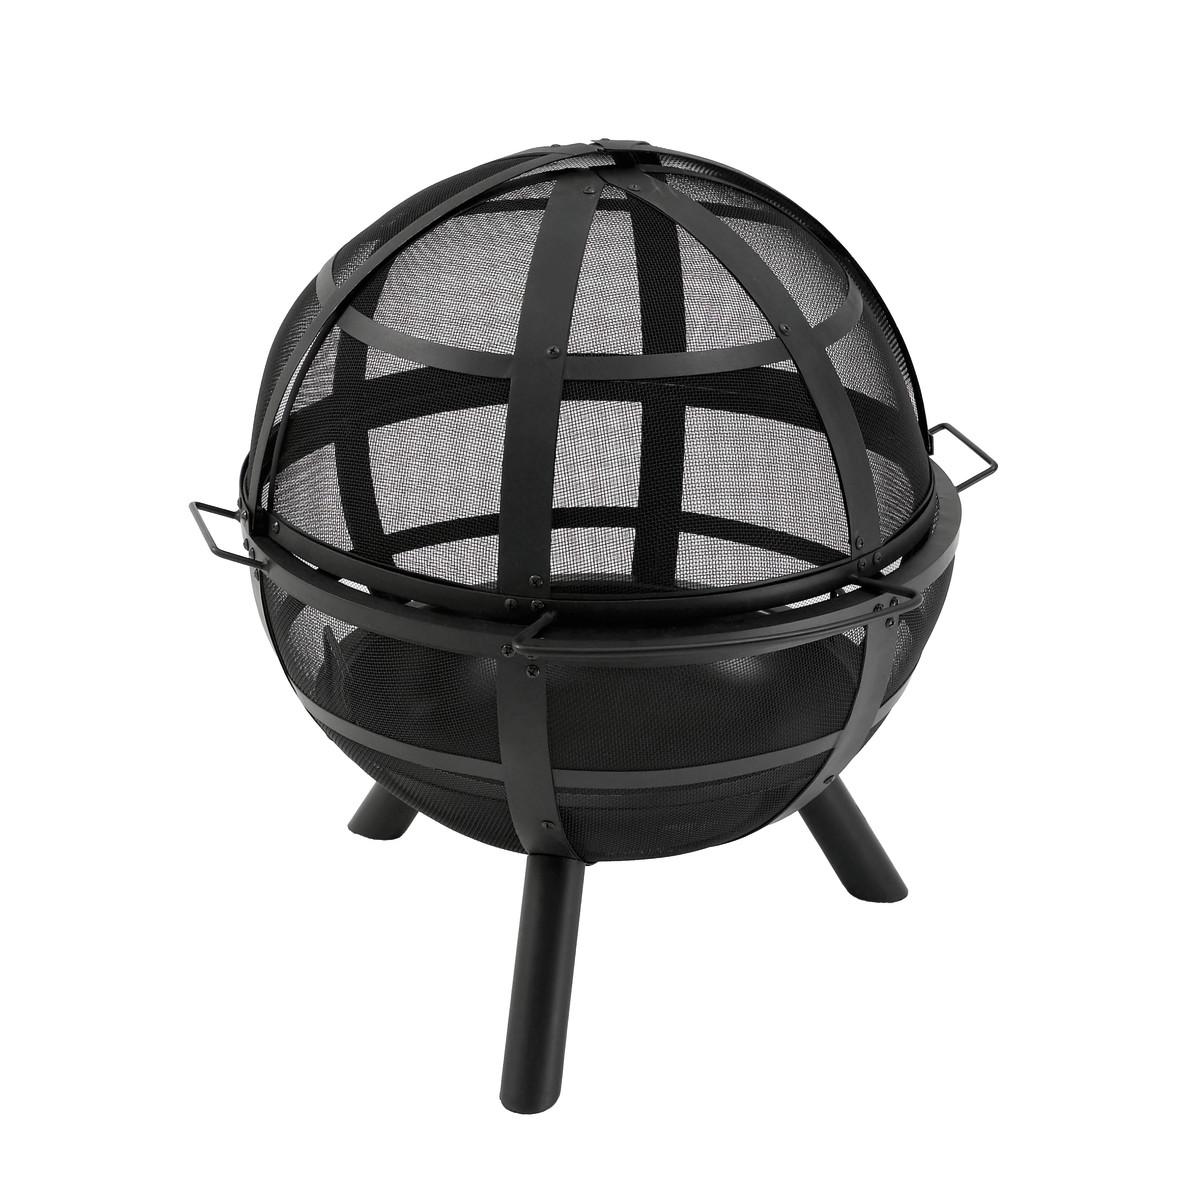 landmann lavastein gasgrill 12375 grill barbecue 12375 prezzo e offerte sottocosto. Black Bedroom Furniture Sets. Home Design Ideas